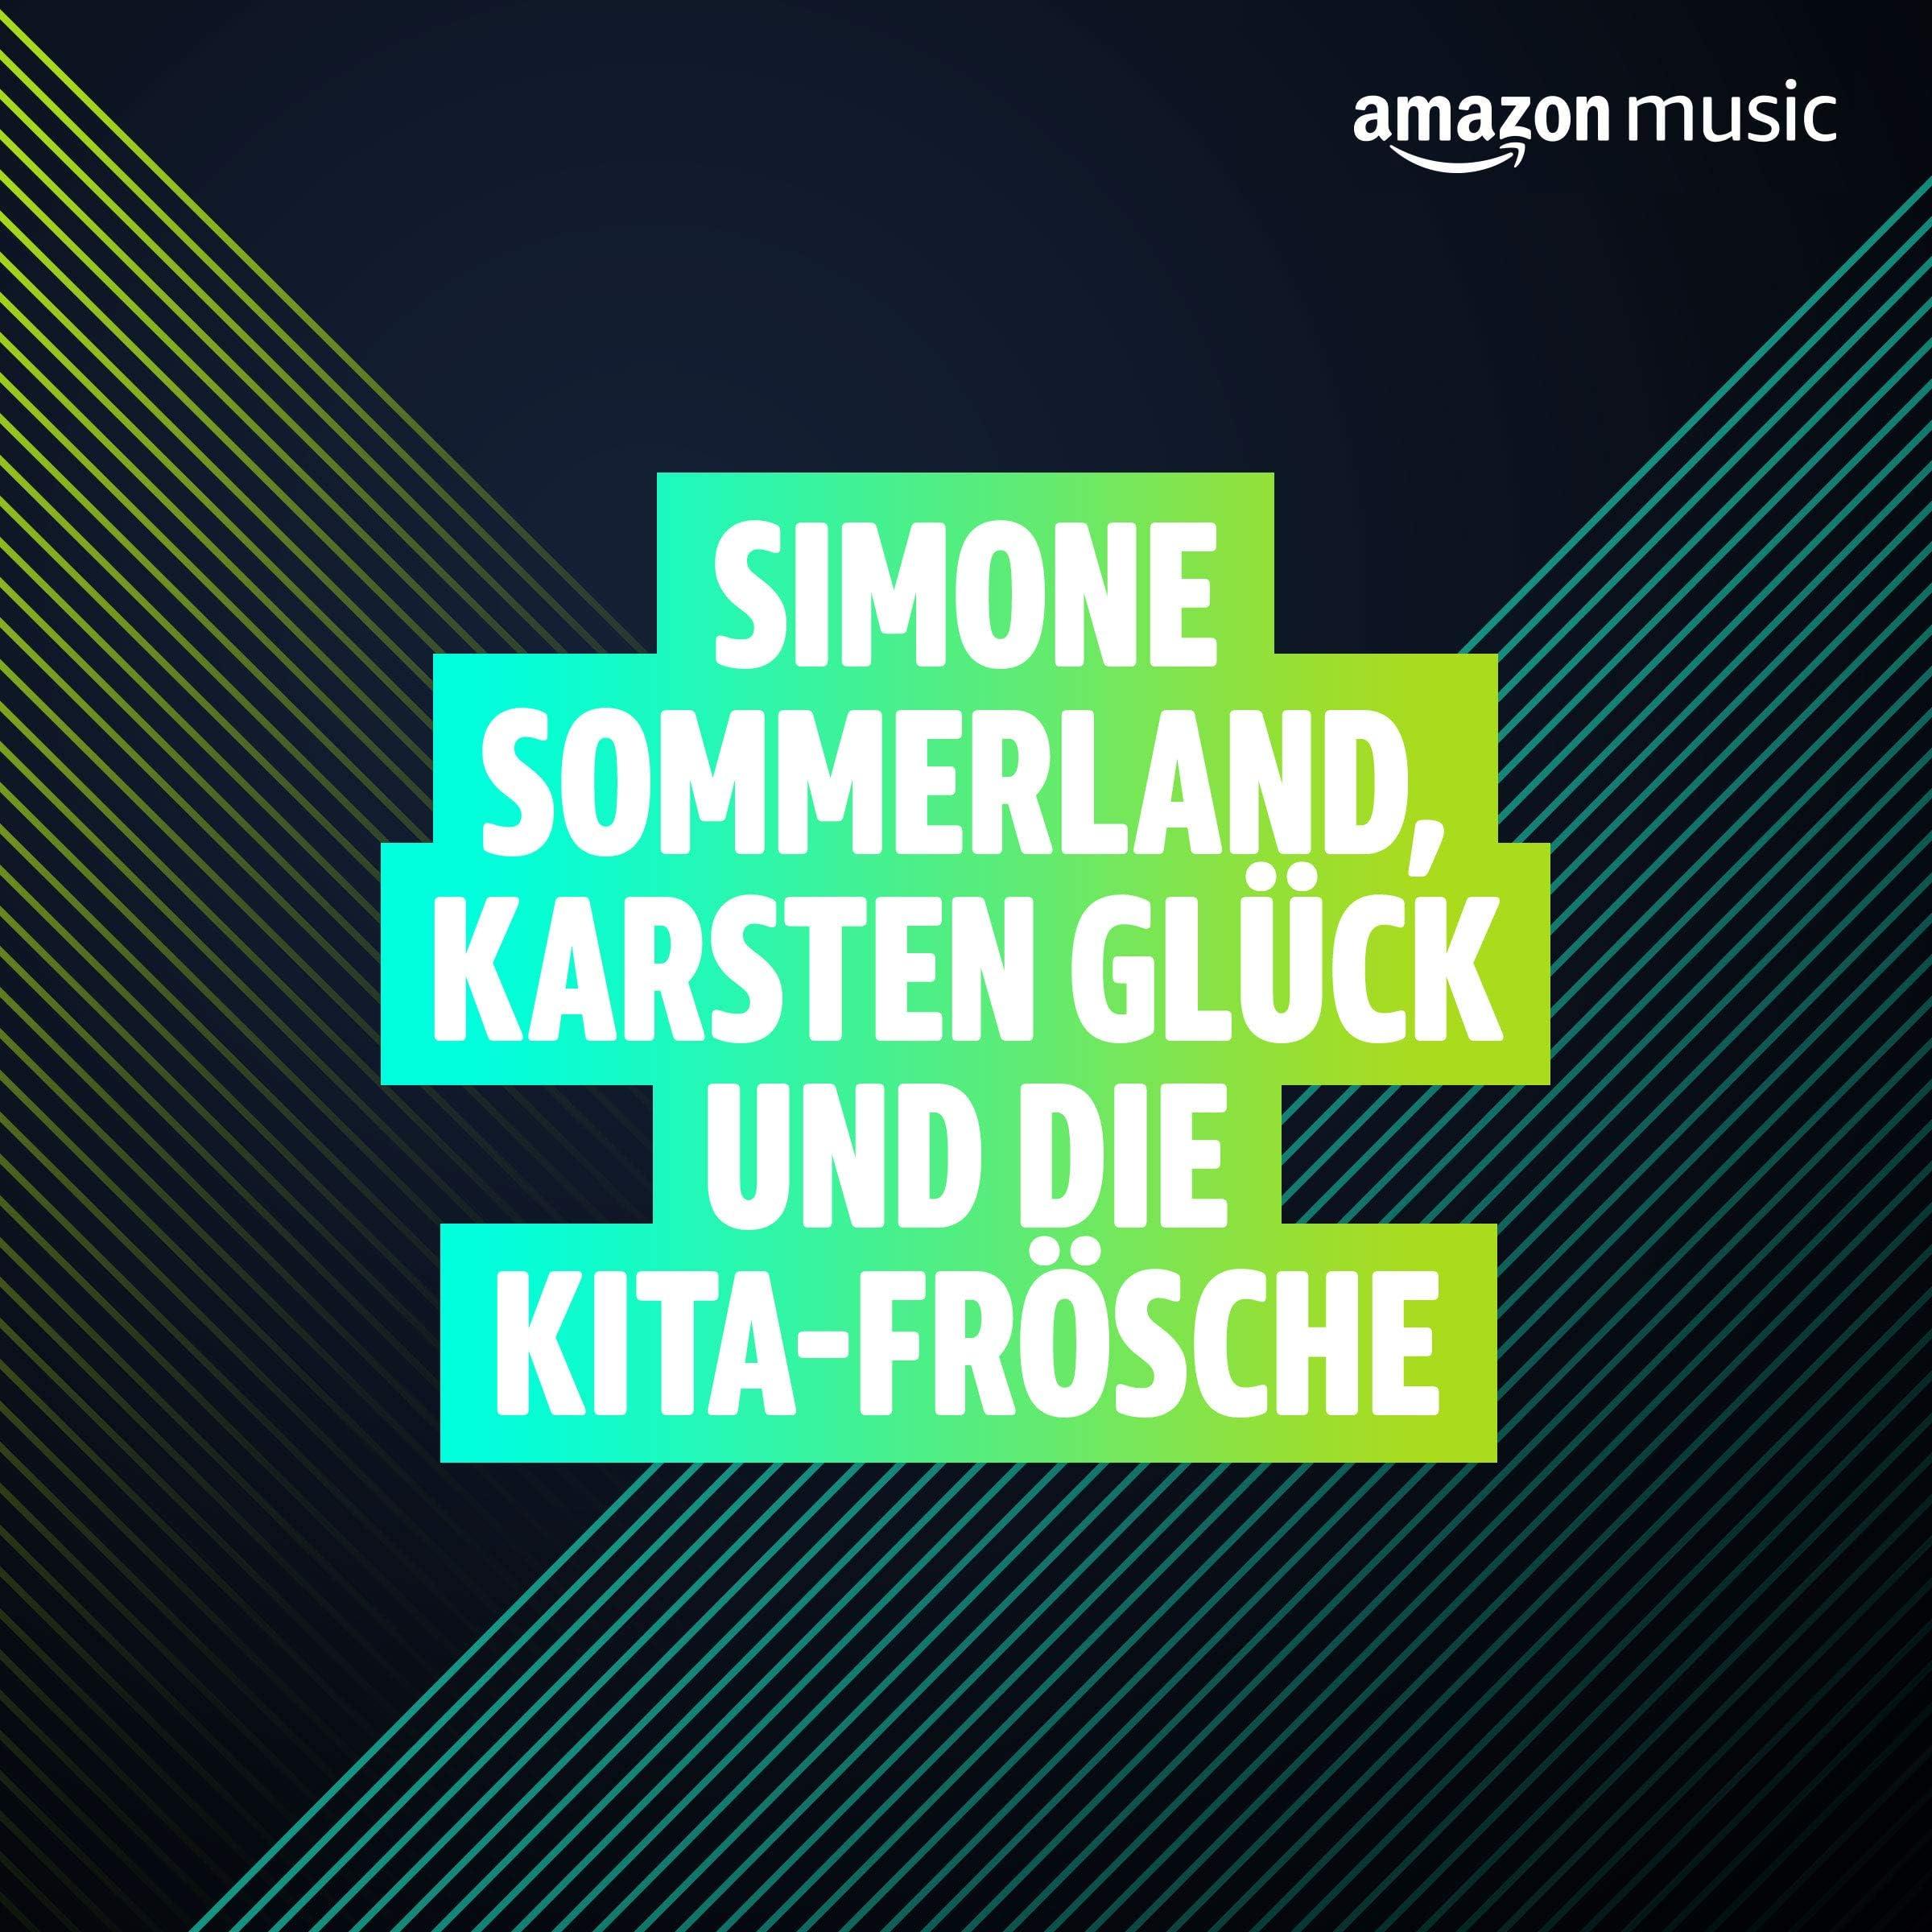 Simone Sommerland, Karsten Glück und die Kita-Frösche